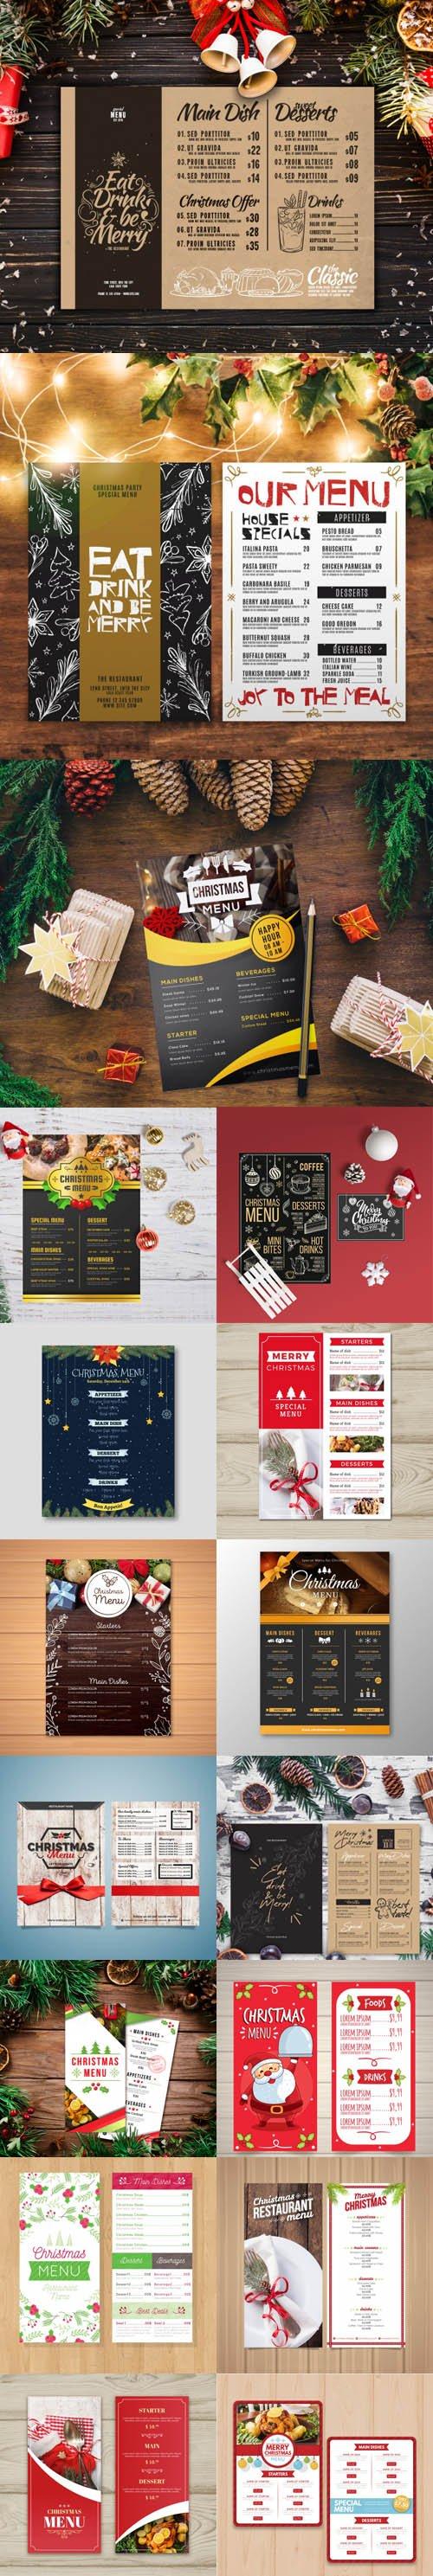 Christmas Menu Vector Templates Collection 2